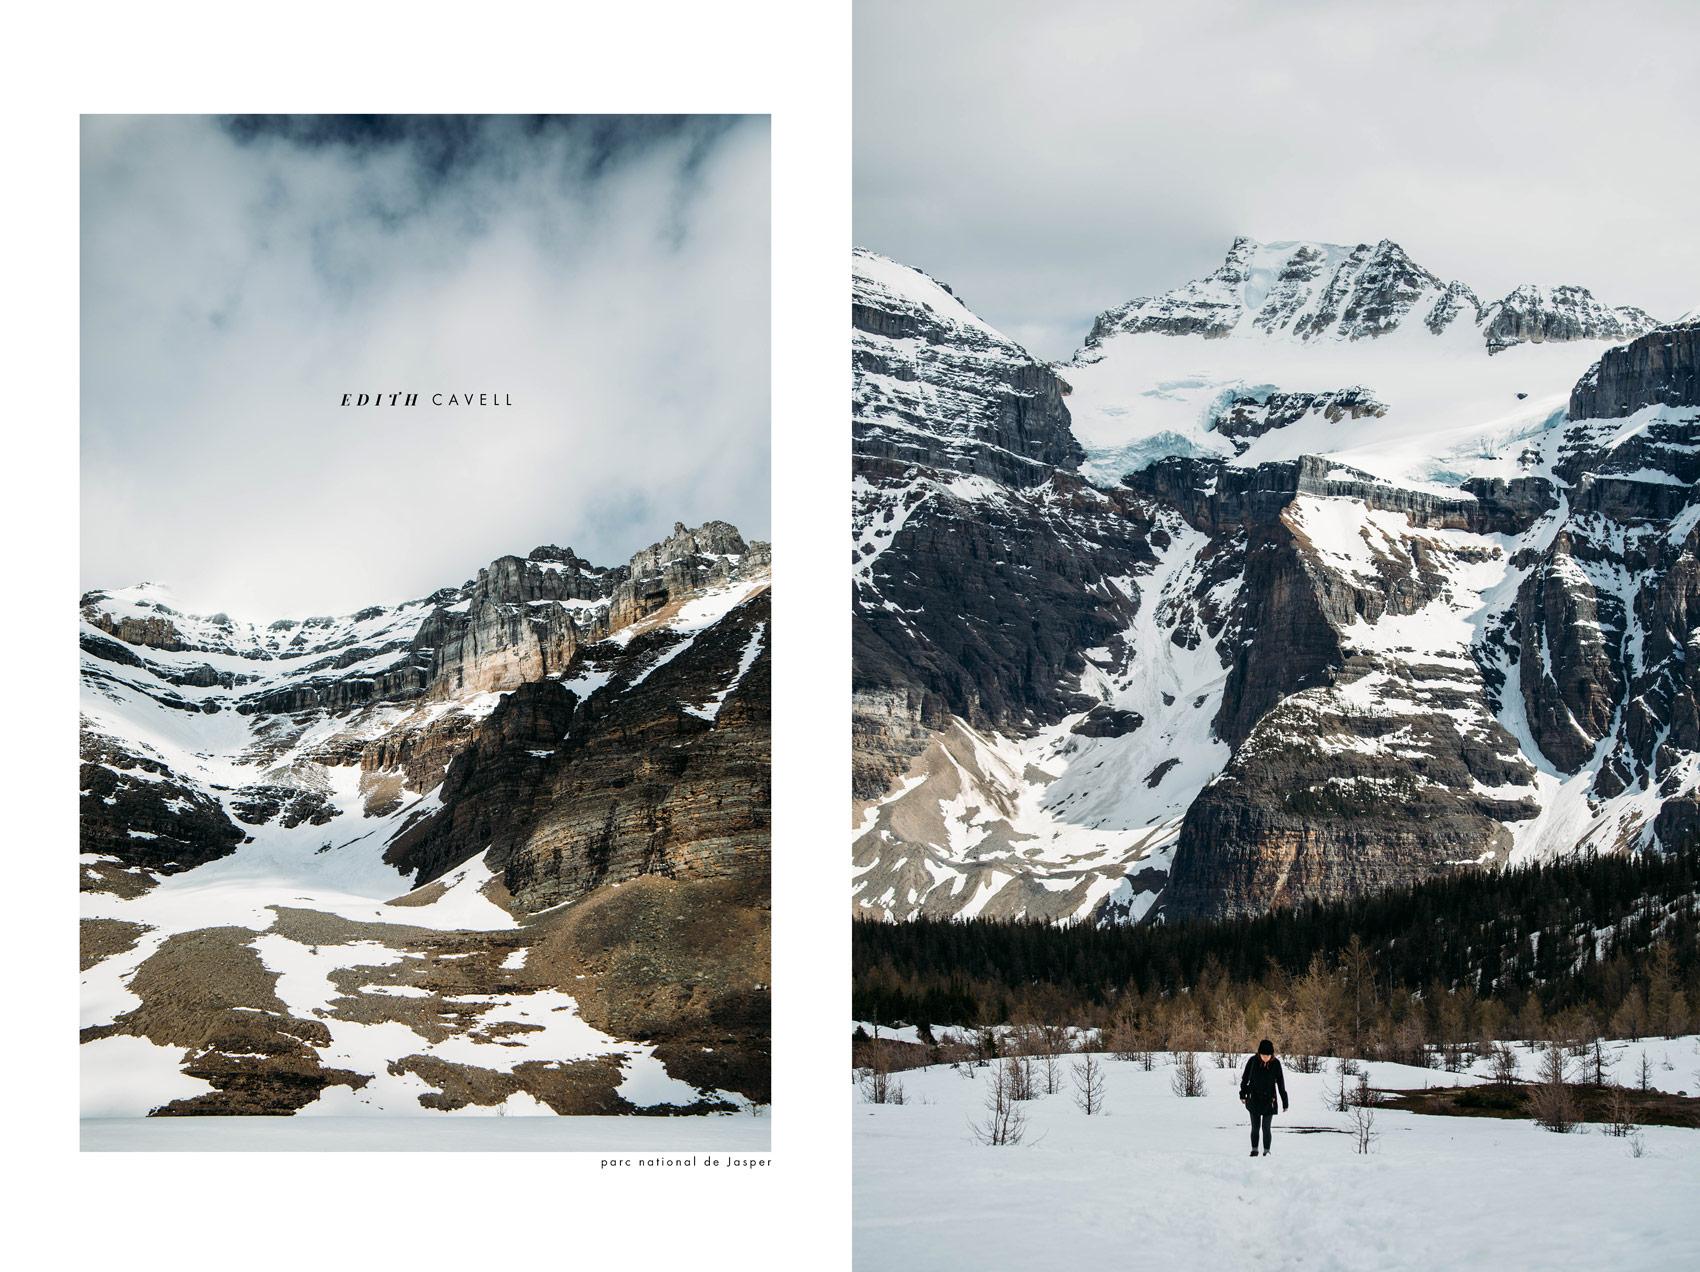 randonnée Mont Edith Cavell blog outdoor